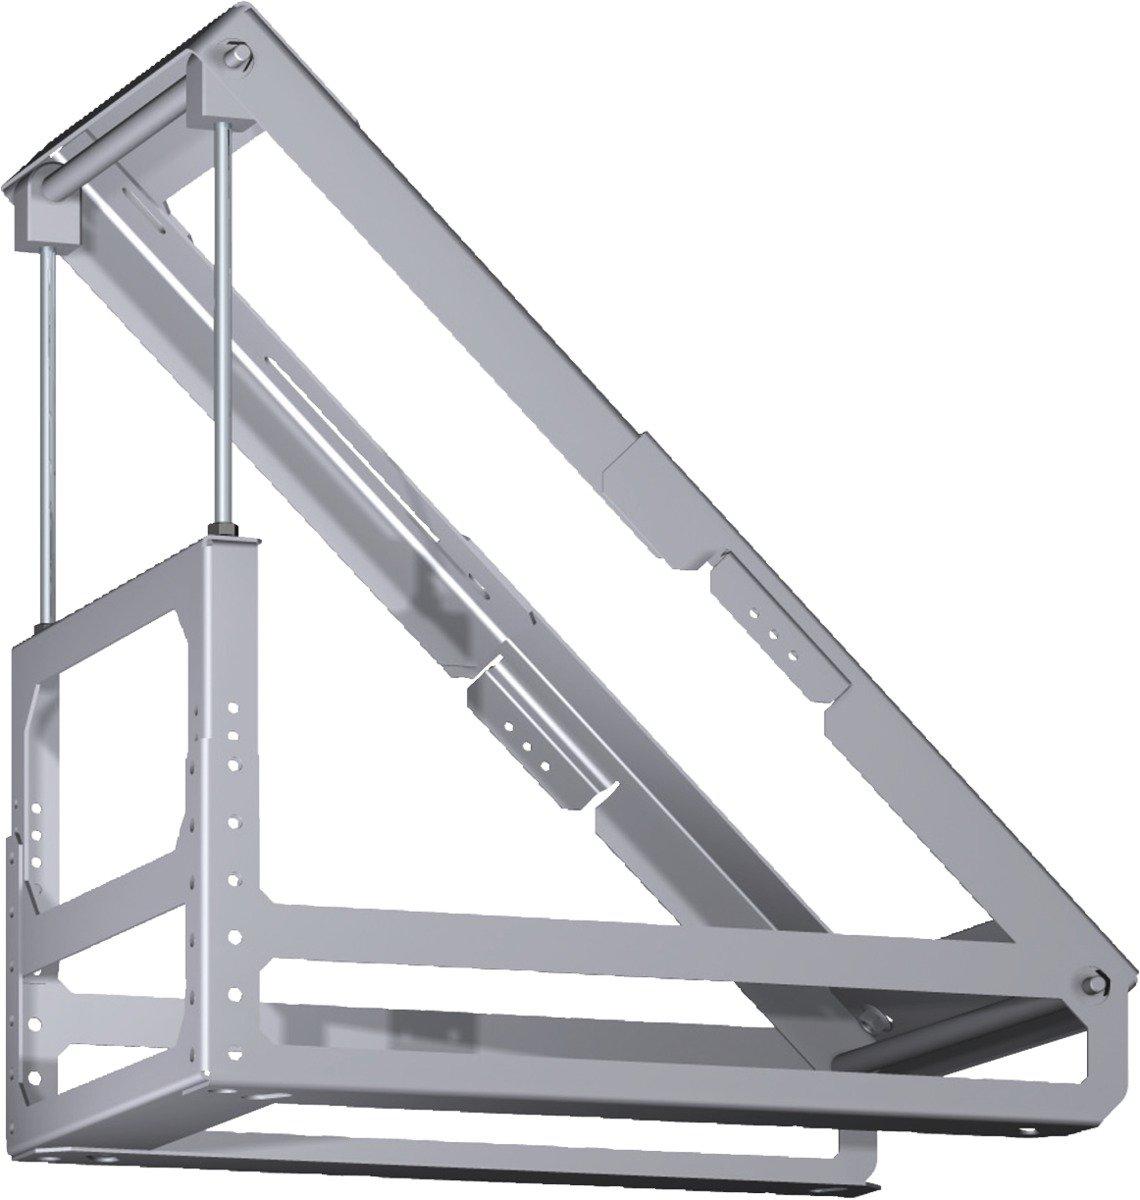 Neff Z5912X0 Dunstabzugshaubenzubehör/Adapter für Inselessen